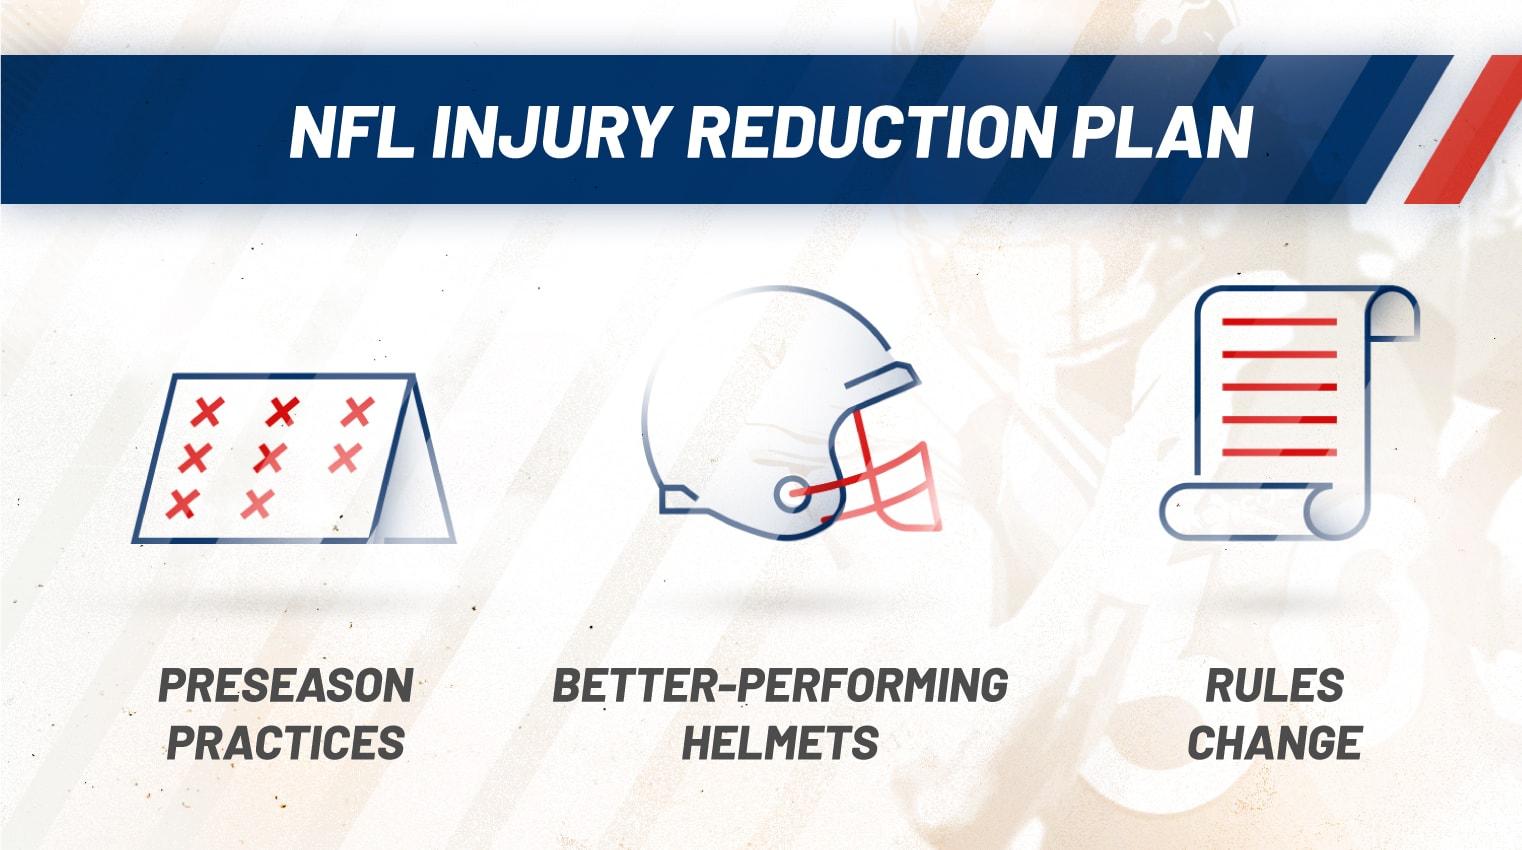 NFL injury reduction plan 2018